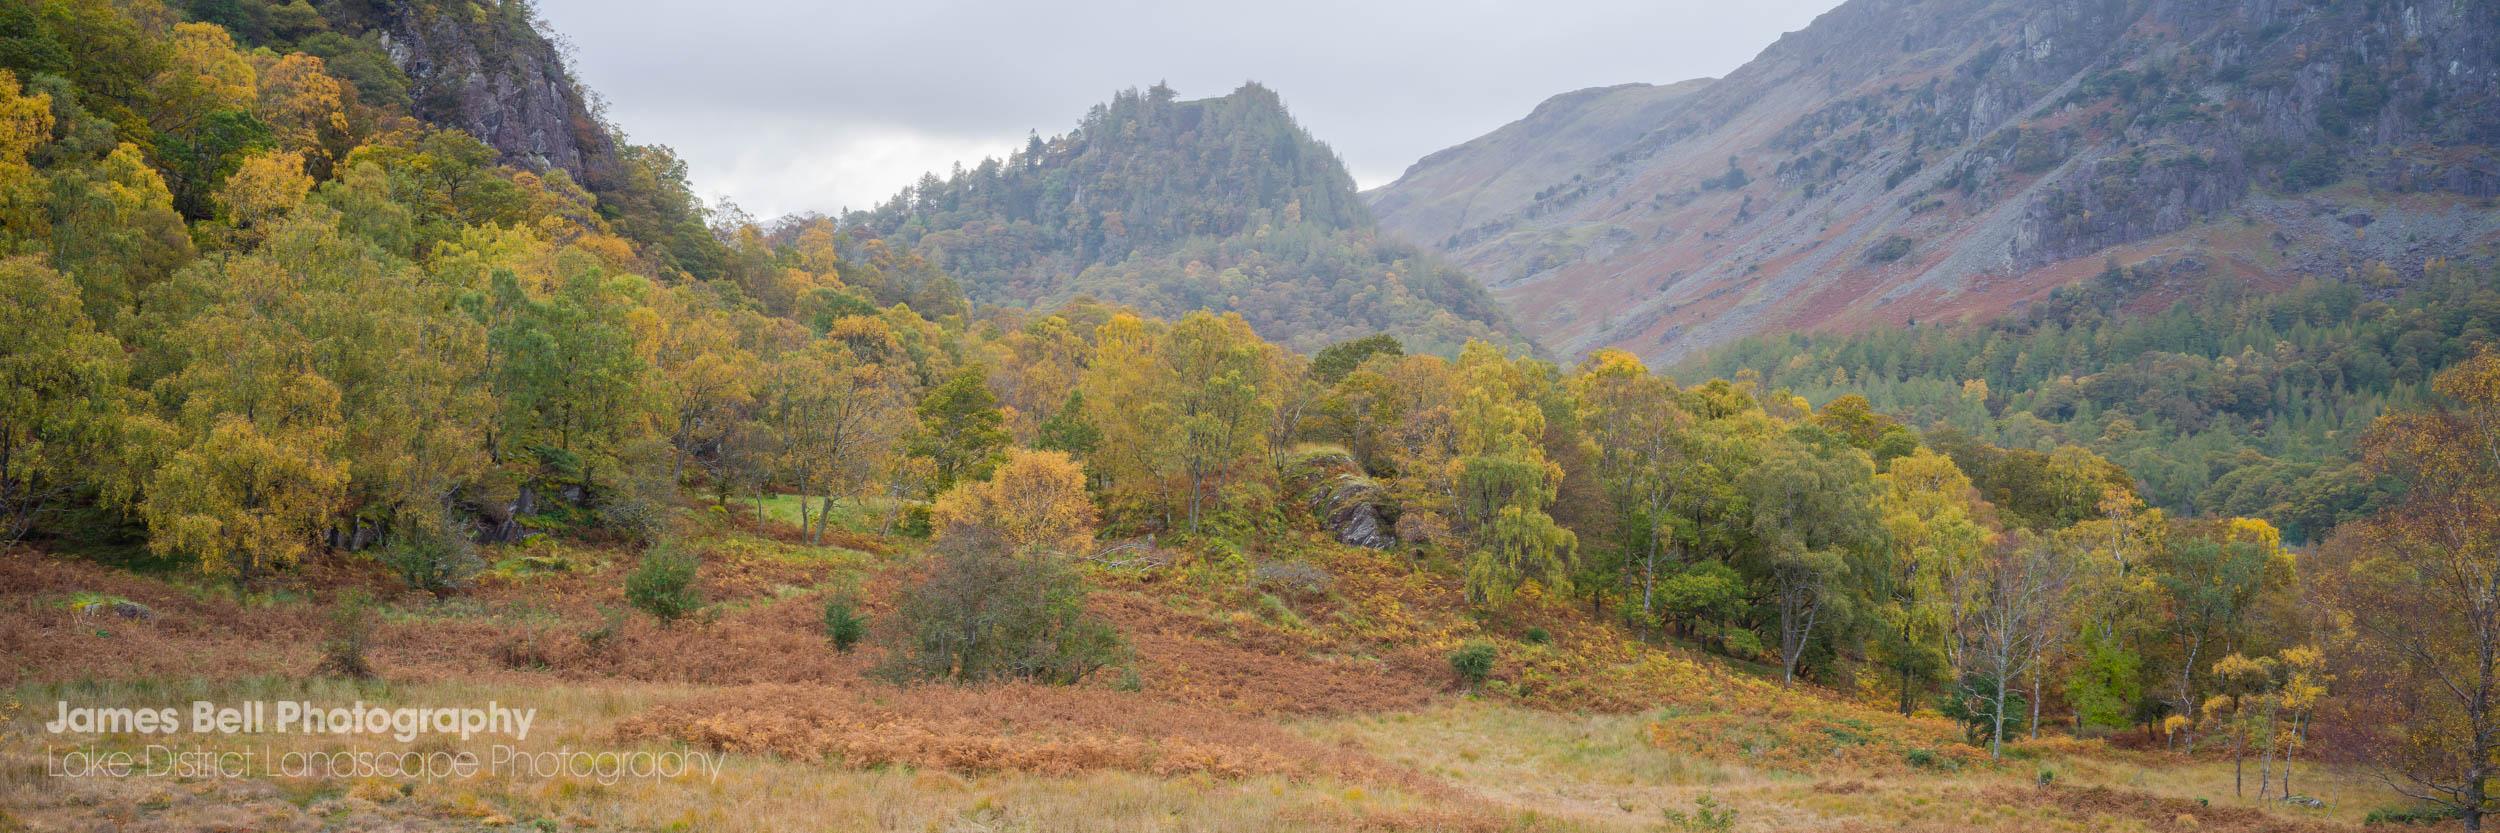 Borrowdale Autumn Landscape Print